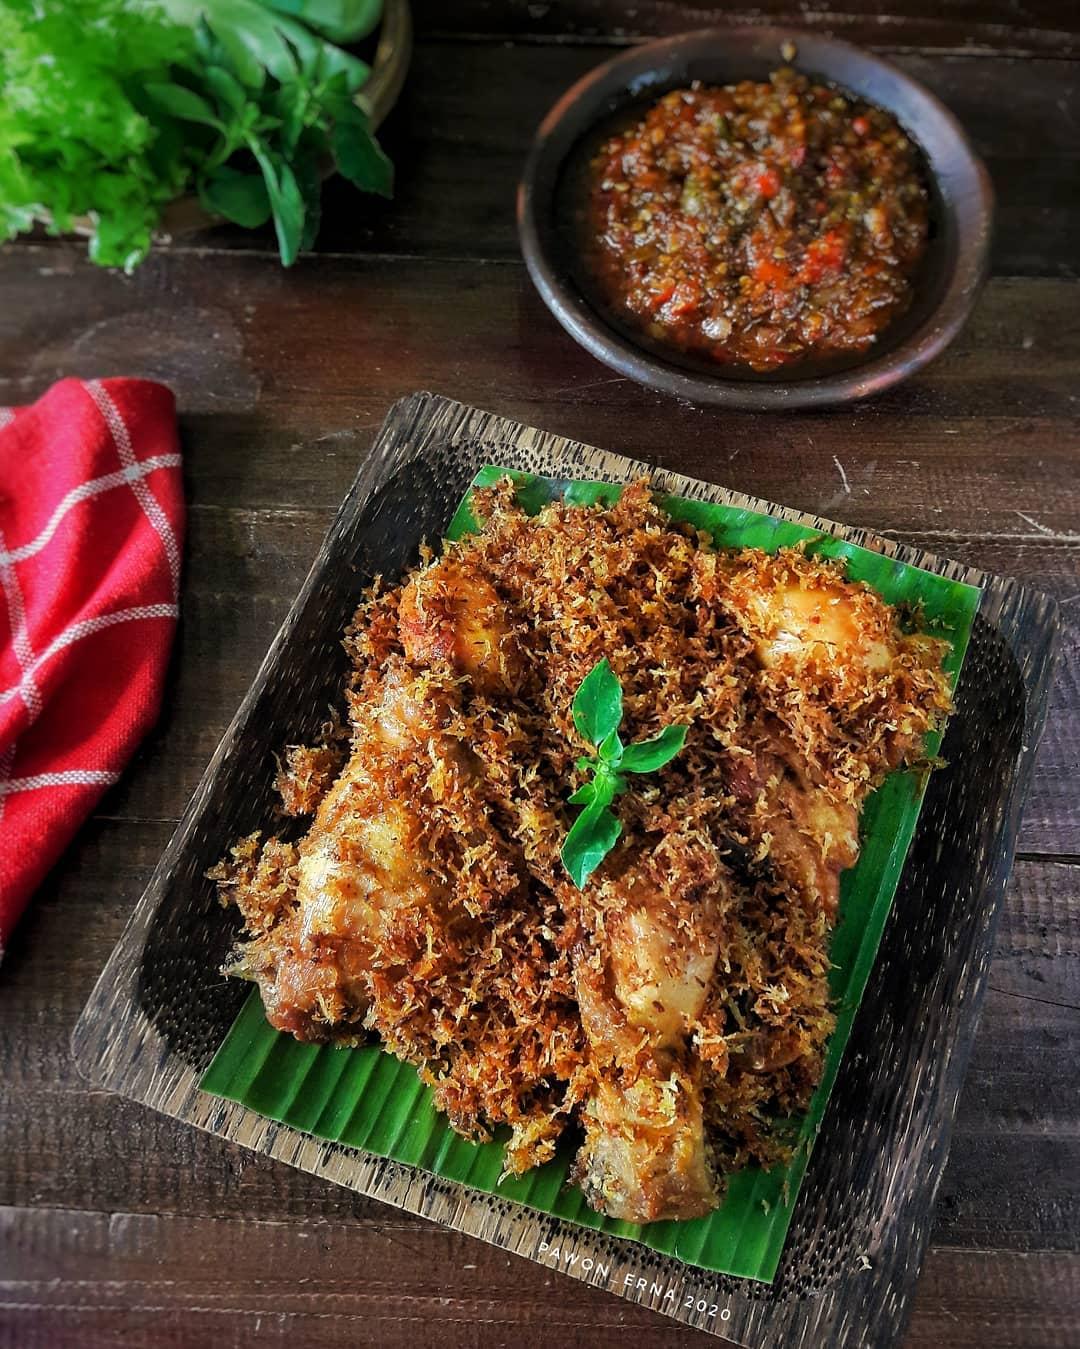 Resep Ayam Serundeng Kelapa Gurih Praktis Gak Pake Ribet